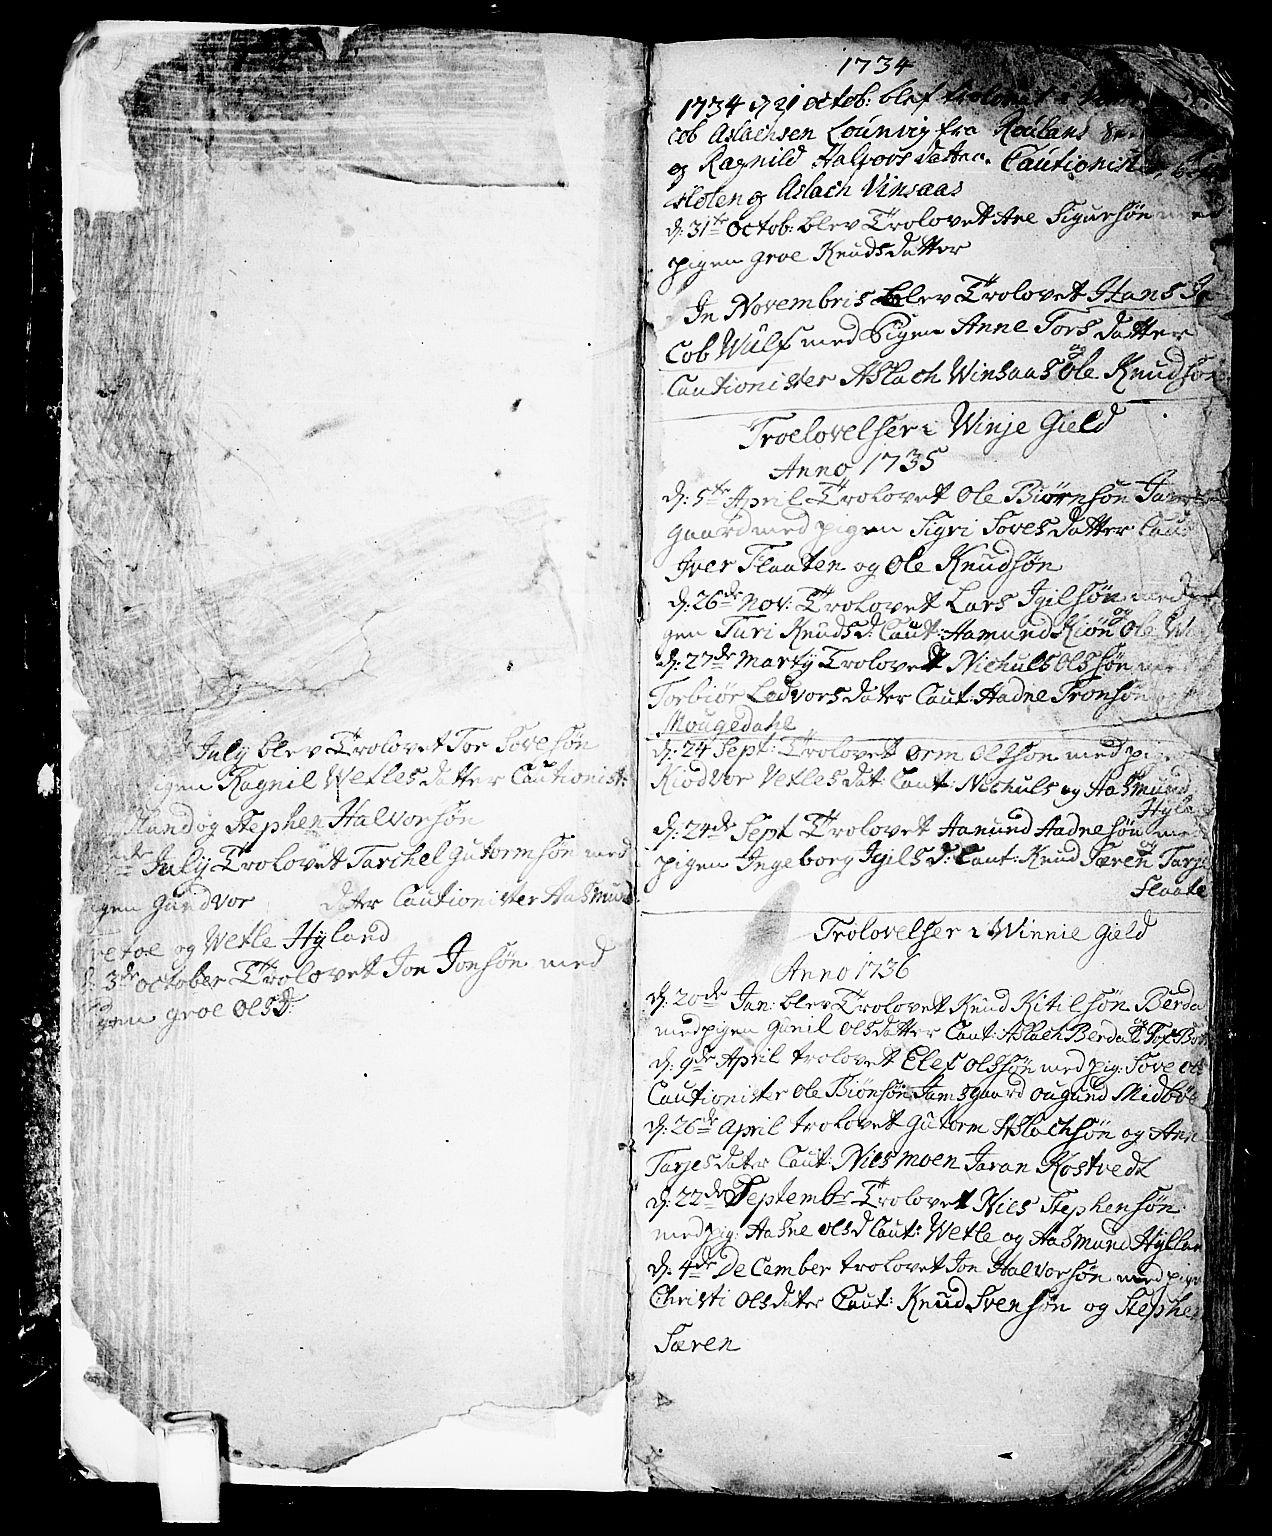 SAKO, Vinje kirkebøker, F/Fa/L0001: Ministerialbok nr. I 1, 1717-1766, s. 6